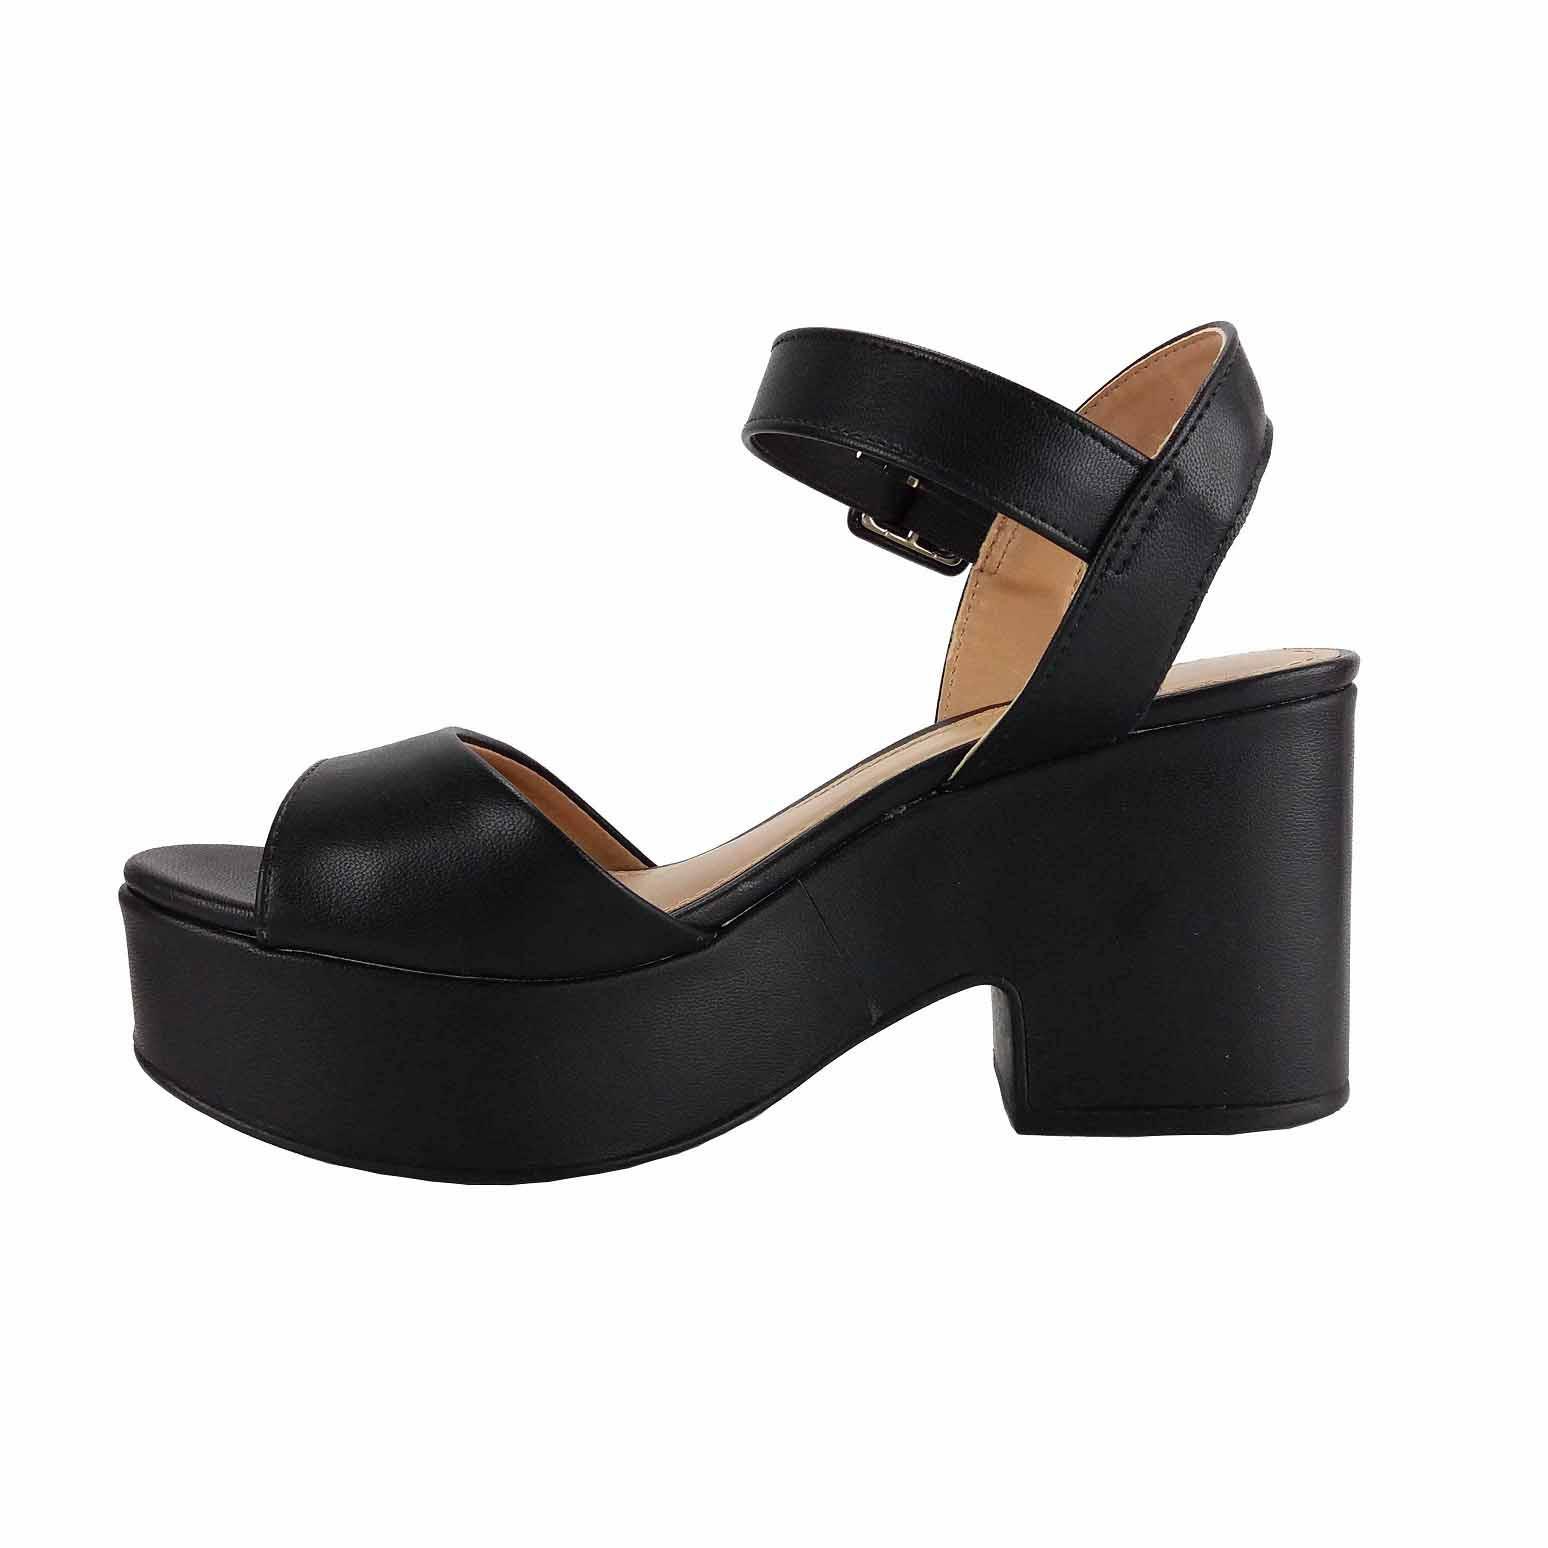 Sandália preto meia pata salto grosso Offline